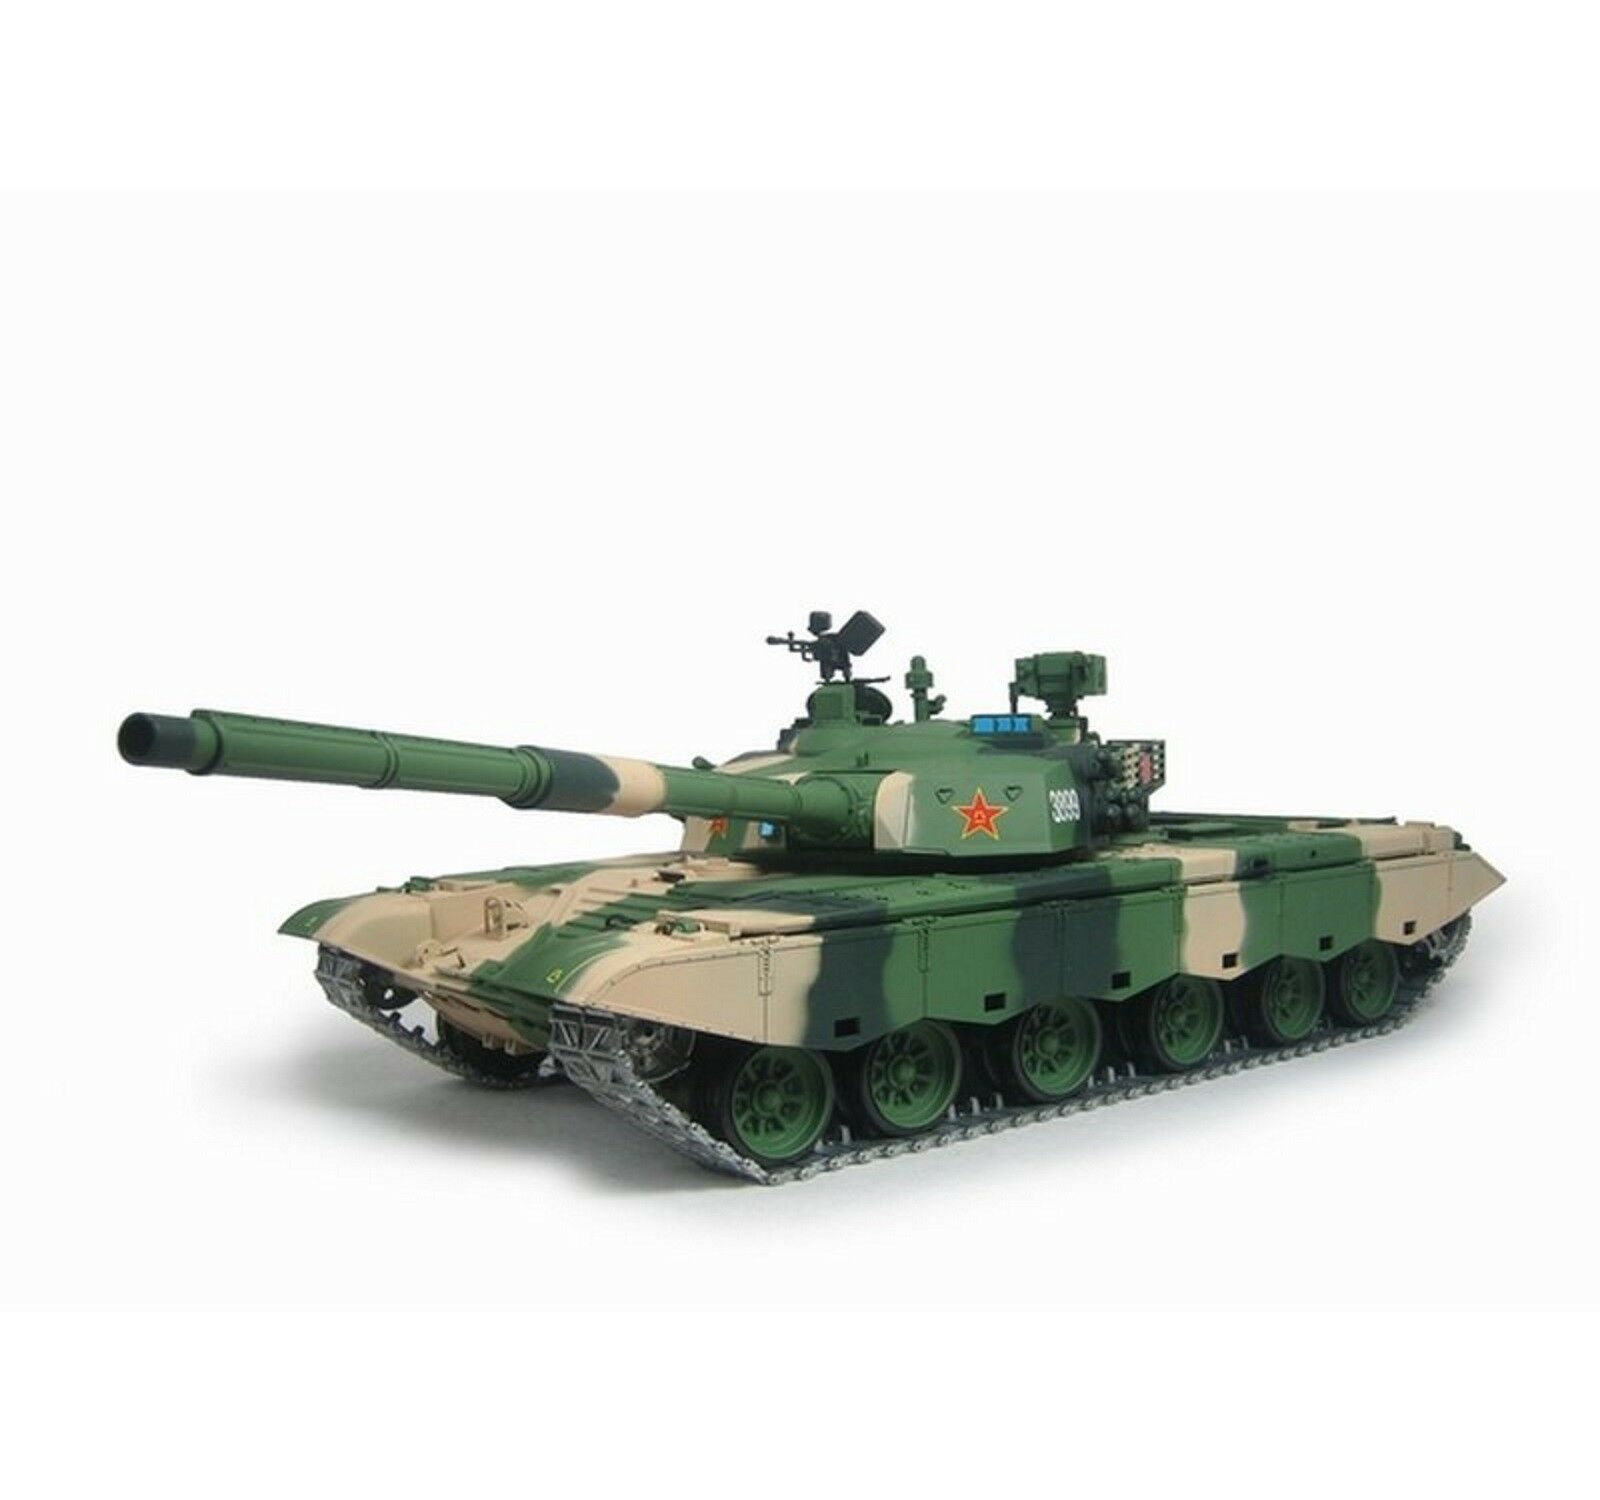 Torro 1 16 RC carro armato ztz-99 2.4ghz BB 1112238993 + catene di metallo